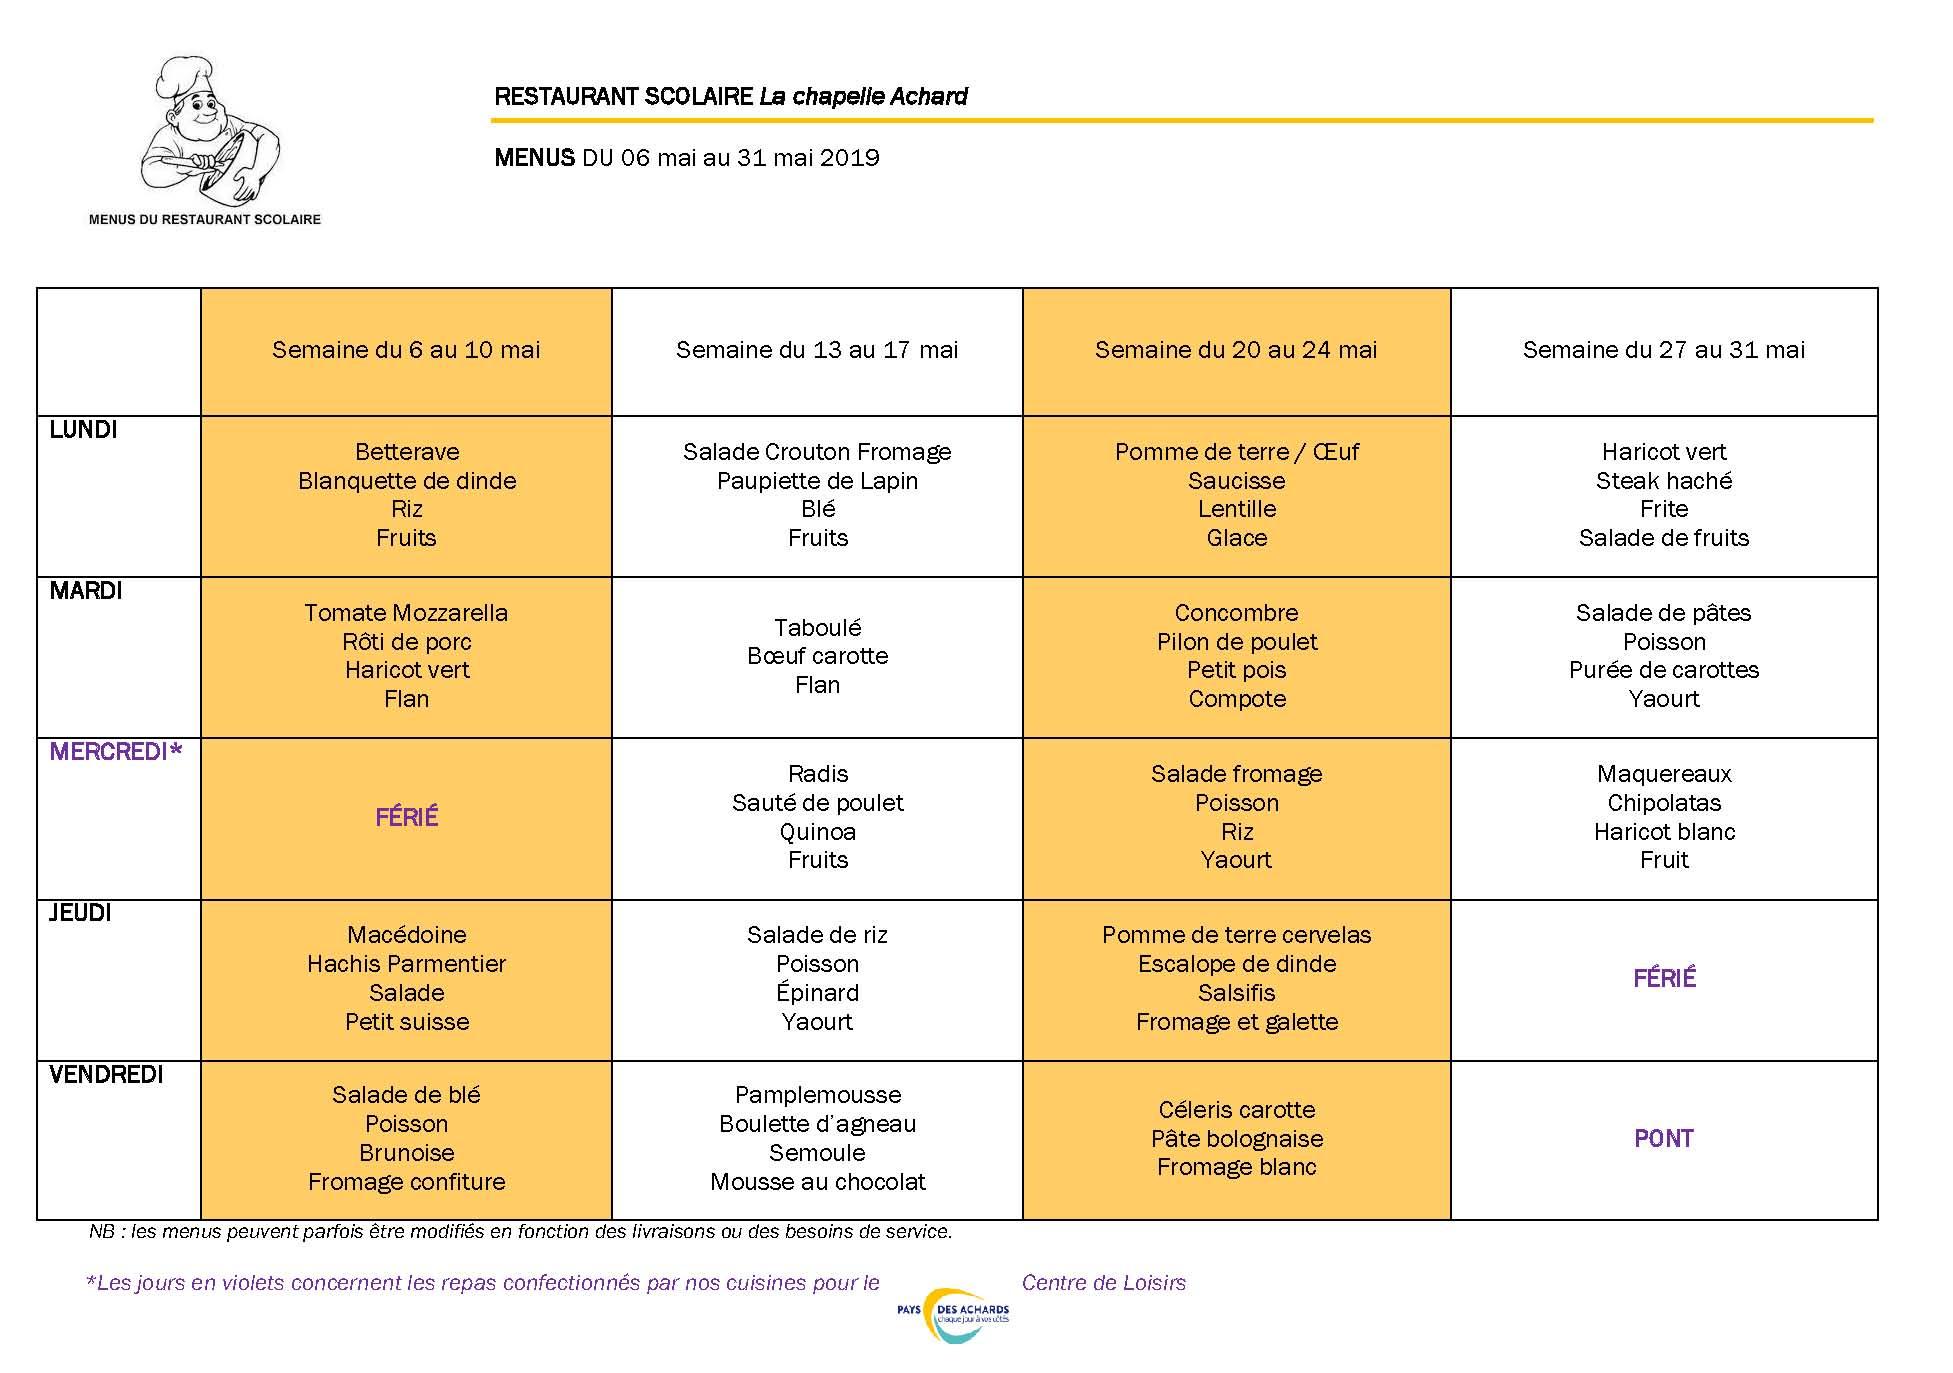 menus-restaurant-scolaire-LCA-Mai-2019